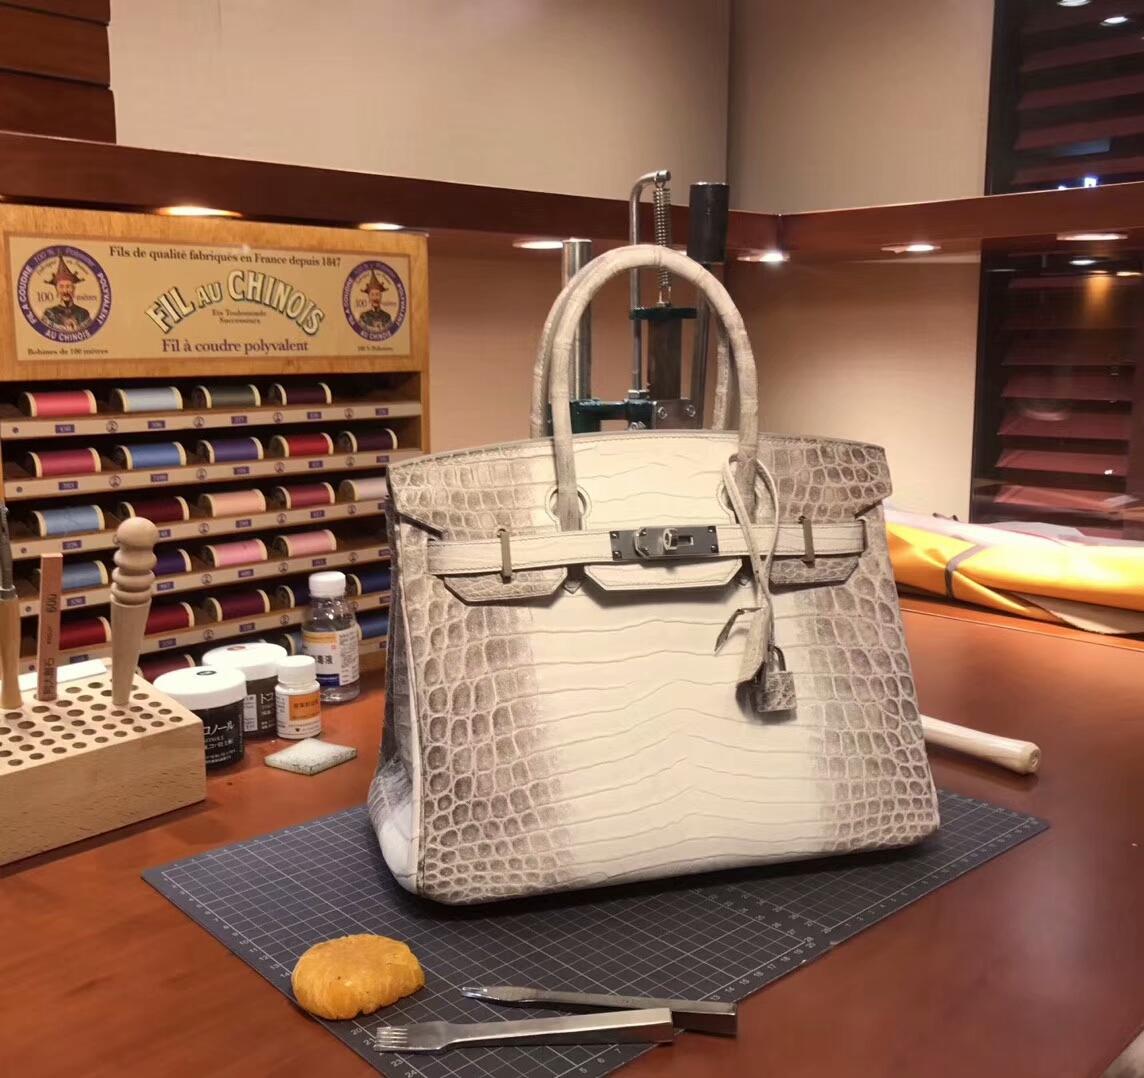 爱马仕 HERMES 铂金包 Birkin 配全套专柜原版包装 全球发售 喜马拉雅